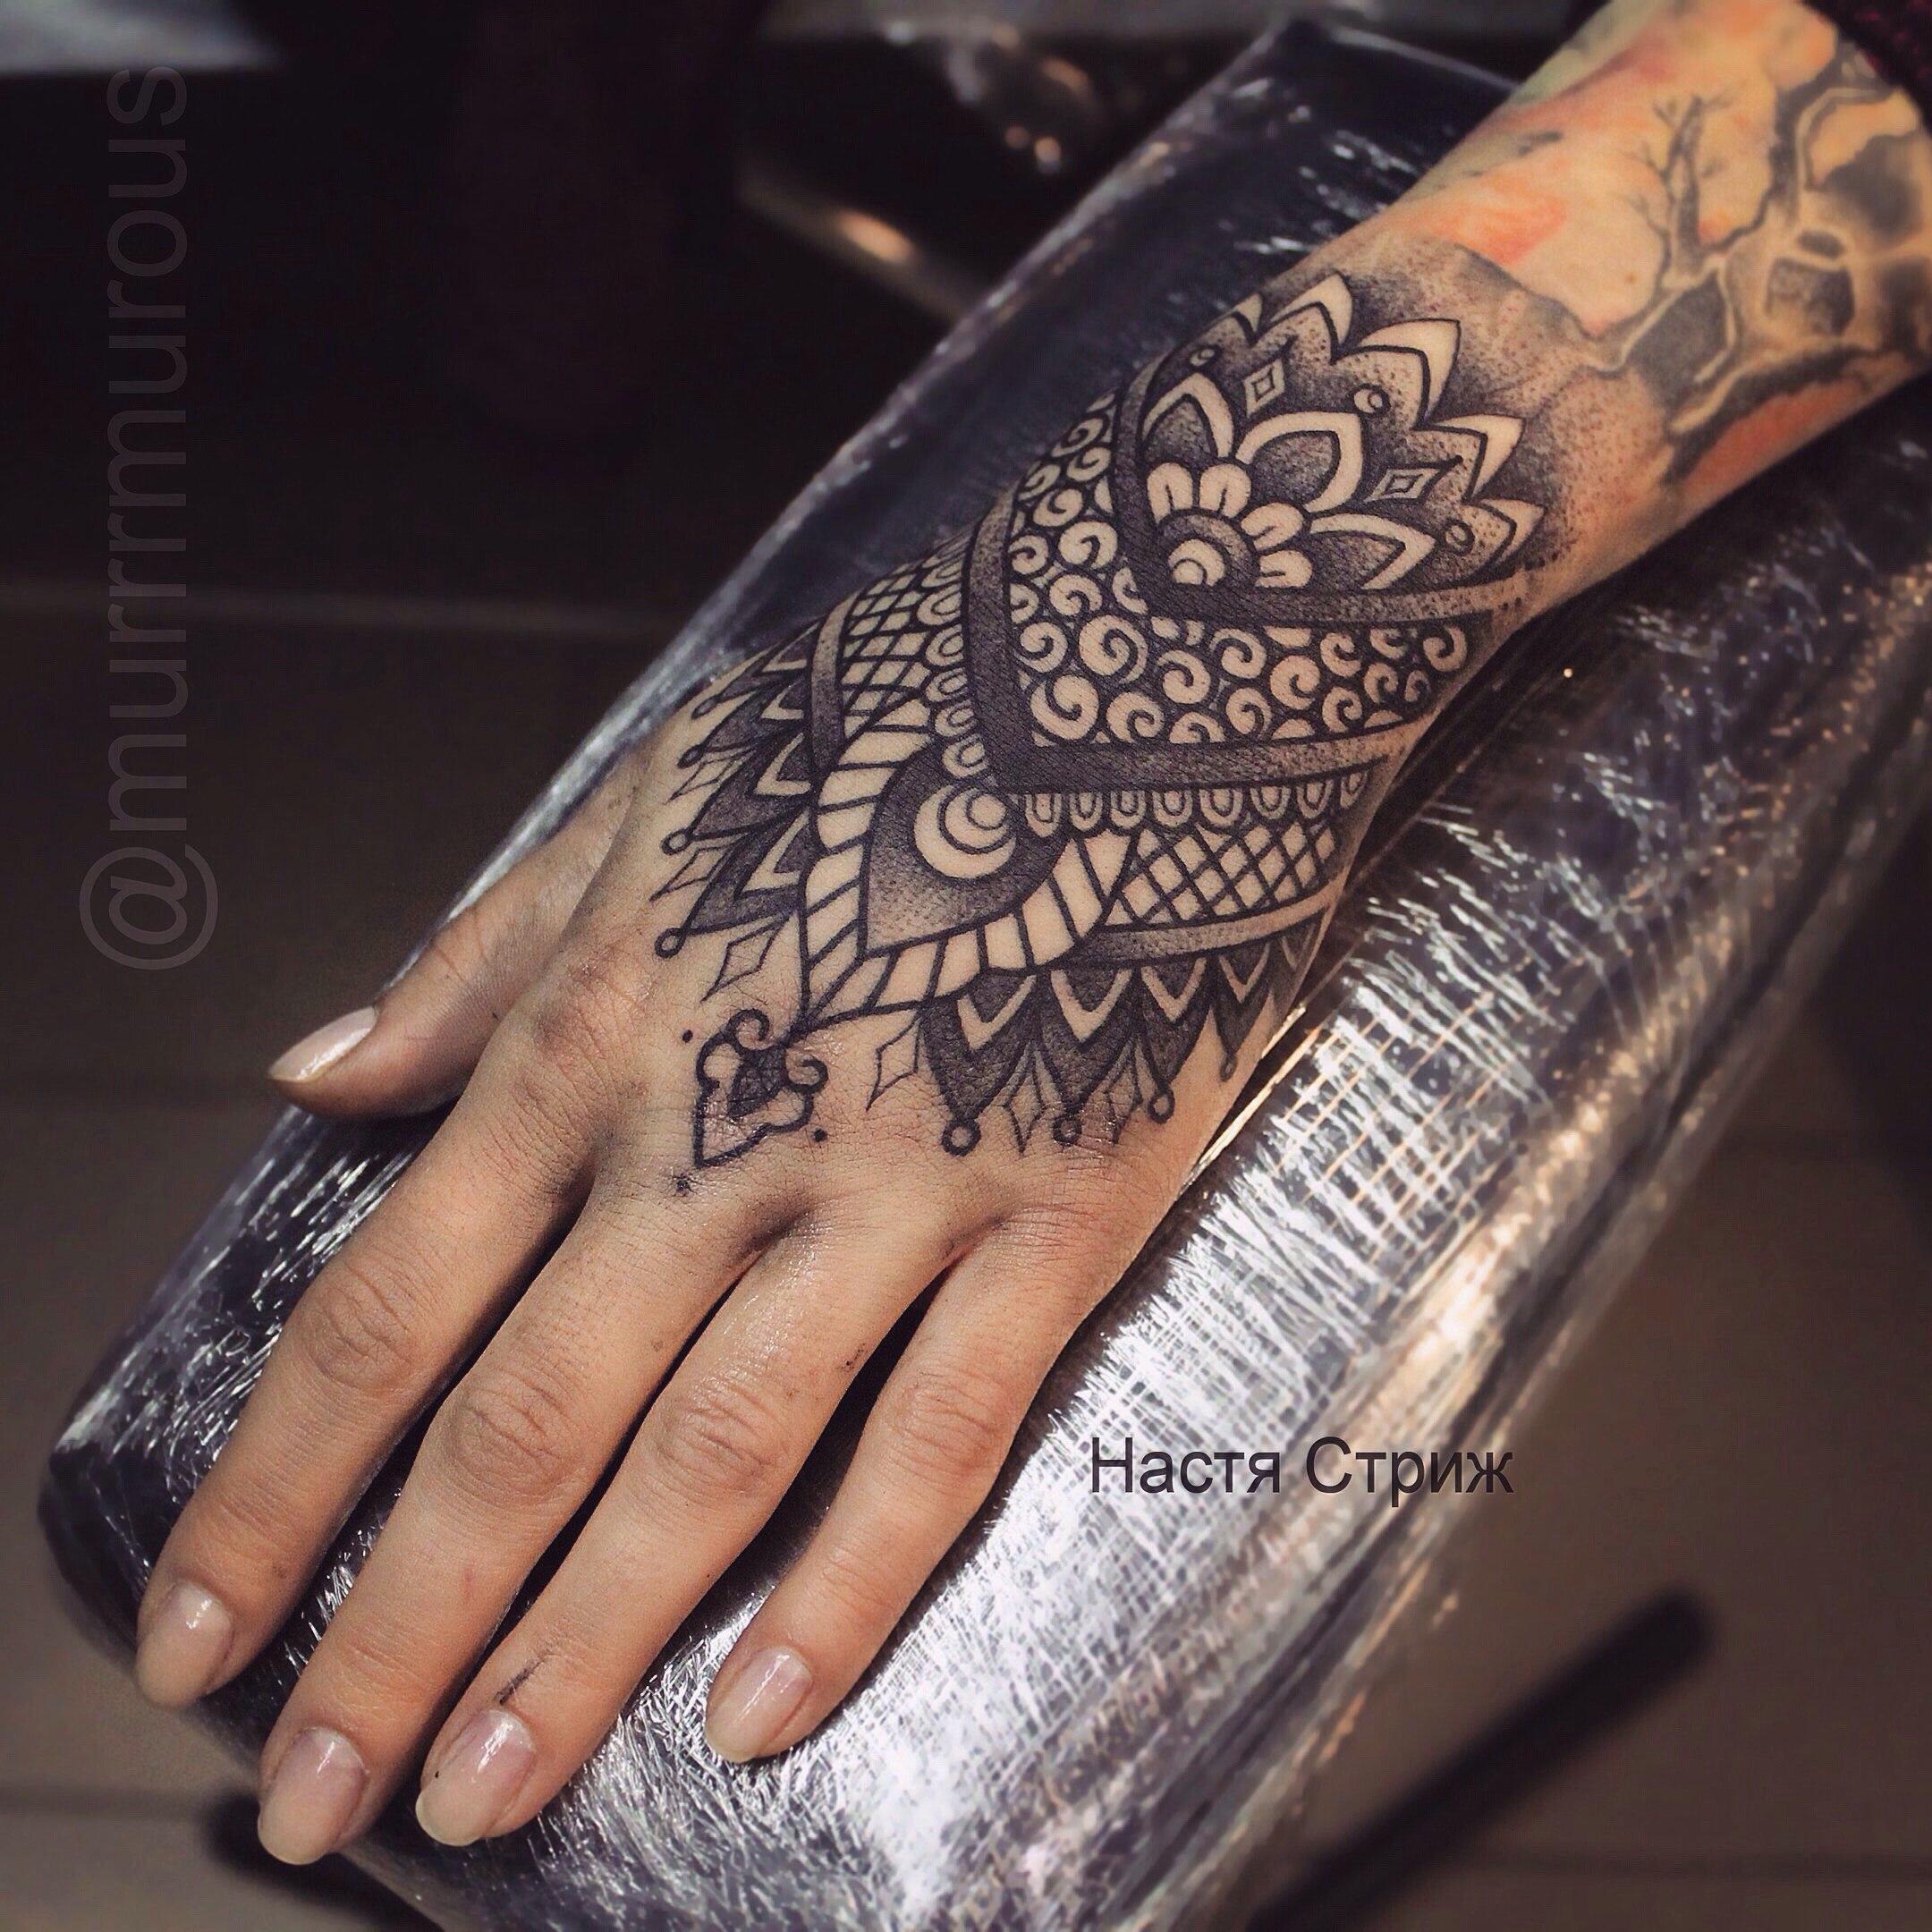 """Художественная татуировка """"Орнамент"""". Мастер Настя Стриж."""